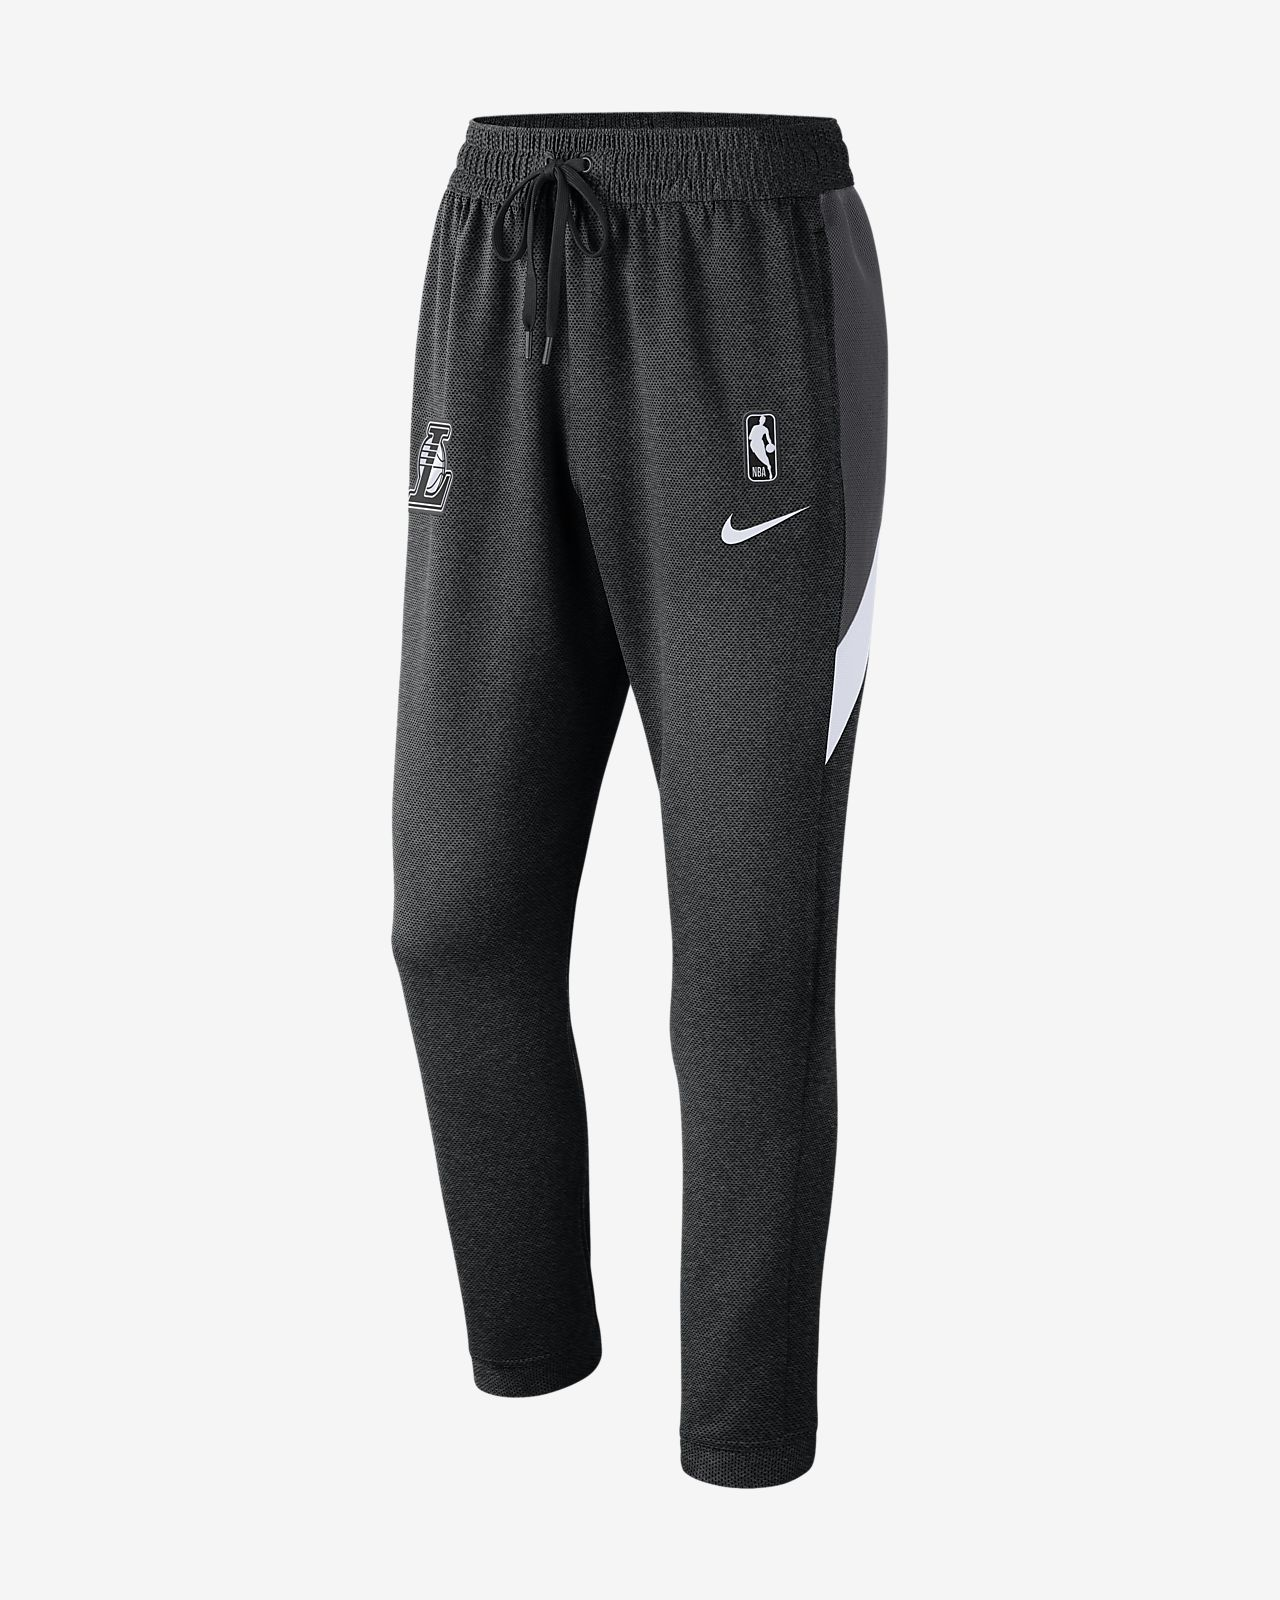 Los Angeles Lakers Nike Therma Flex Showtime-NBA-bukser til mænd